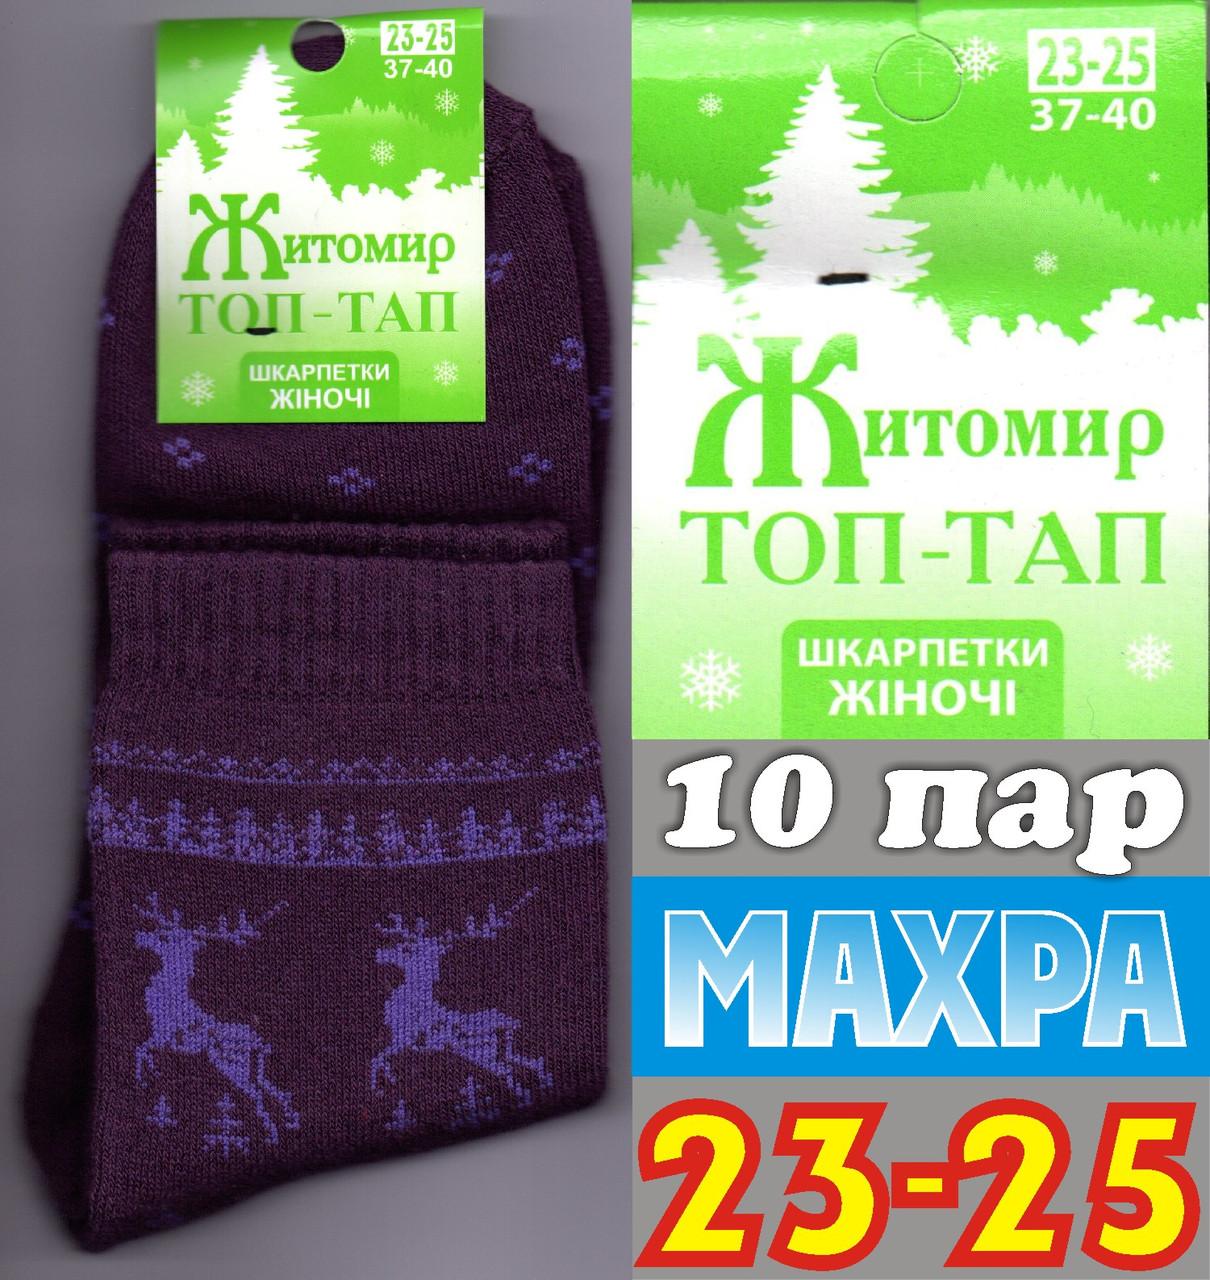 Женские носки махра зимние ТОП-ТАП Житомир Украина 23-25 размер с фиолетовым  оленем  НЖЗ-01372